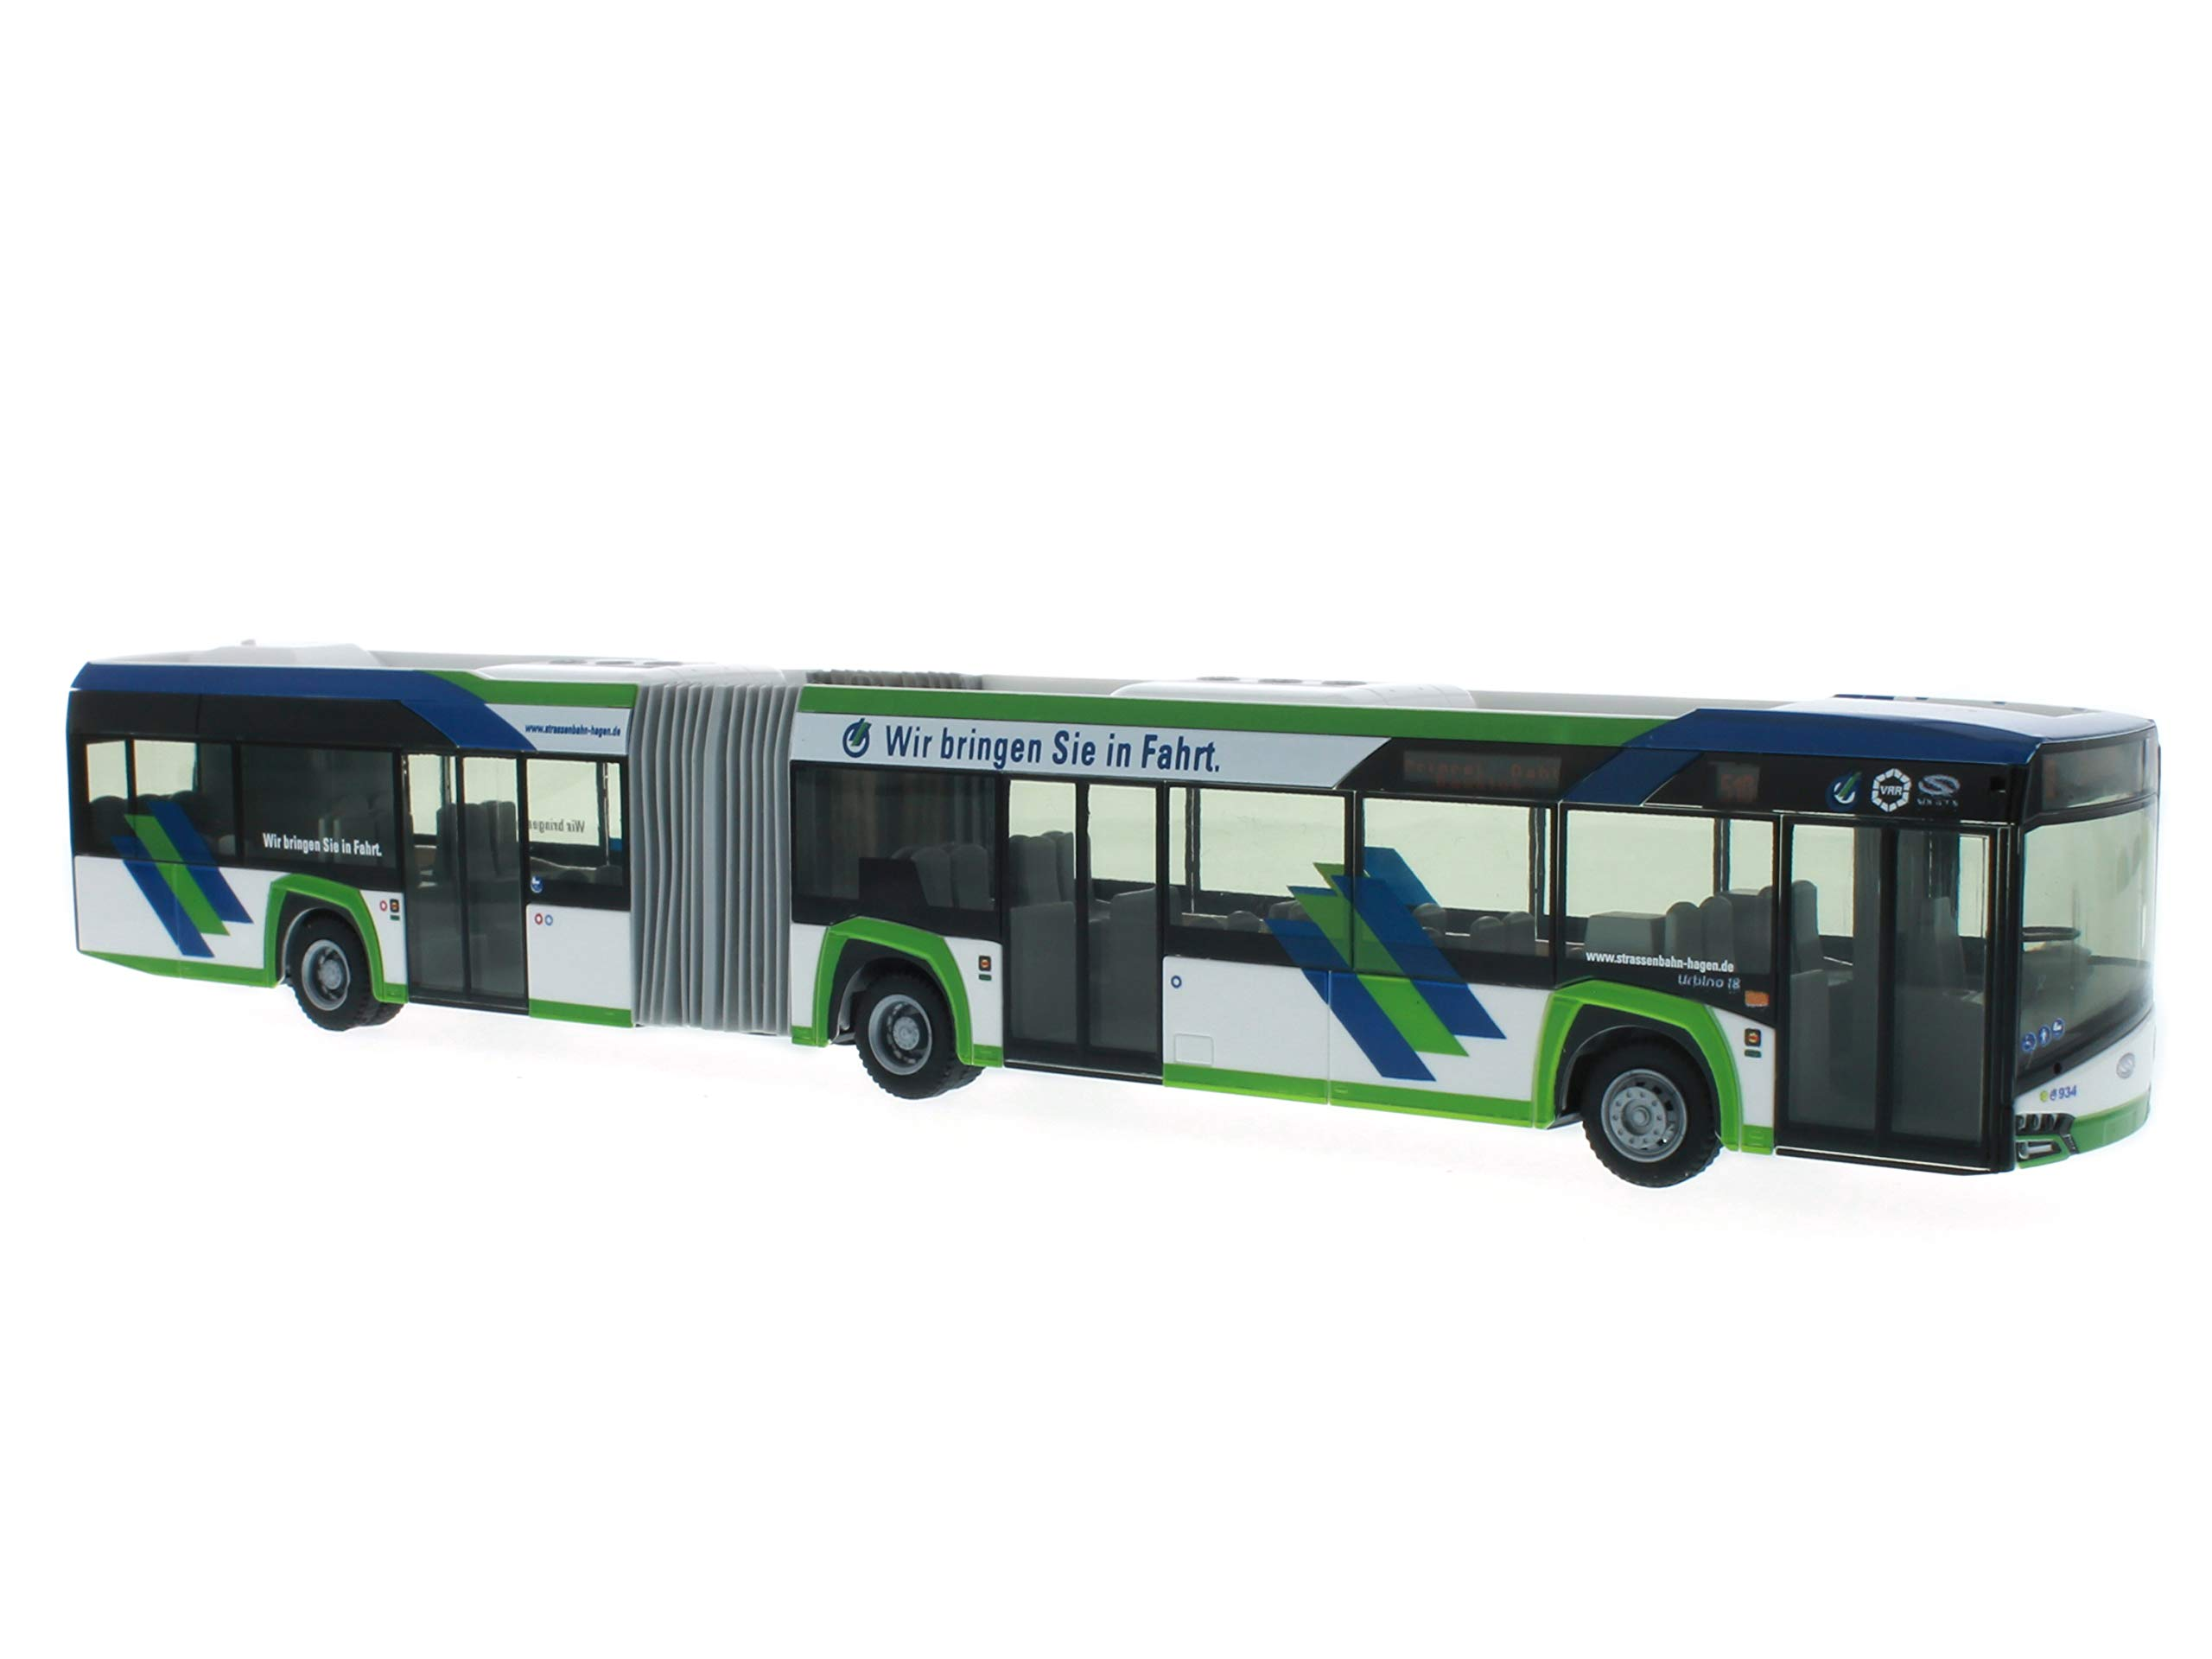 Reitze 73113 Rietze Solaris Urbino 18'14 Hagener Tram Scale 1:87 H0, Multi Colour